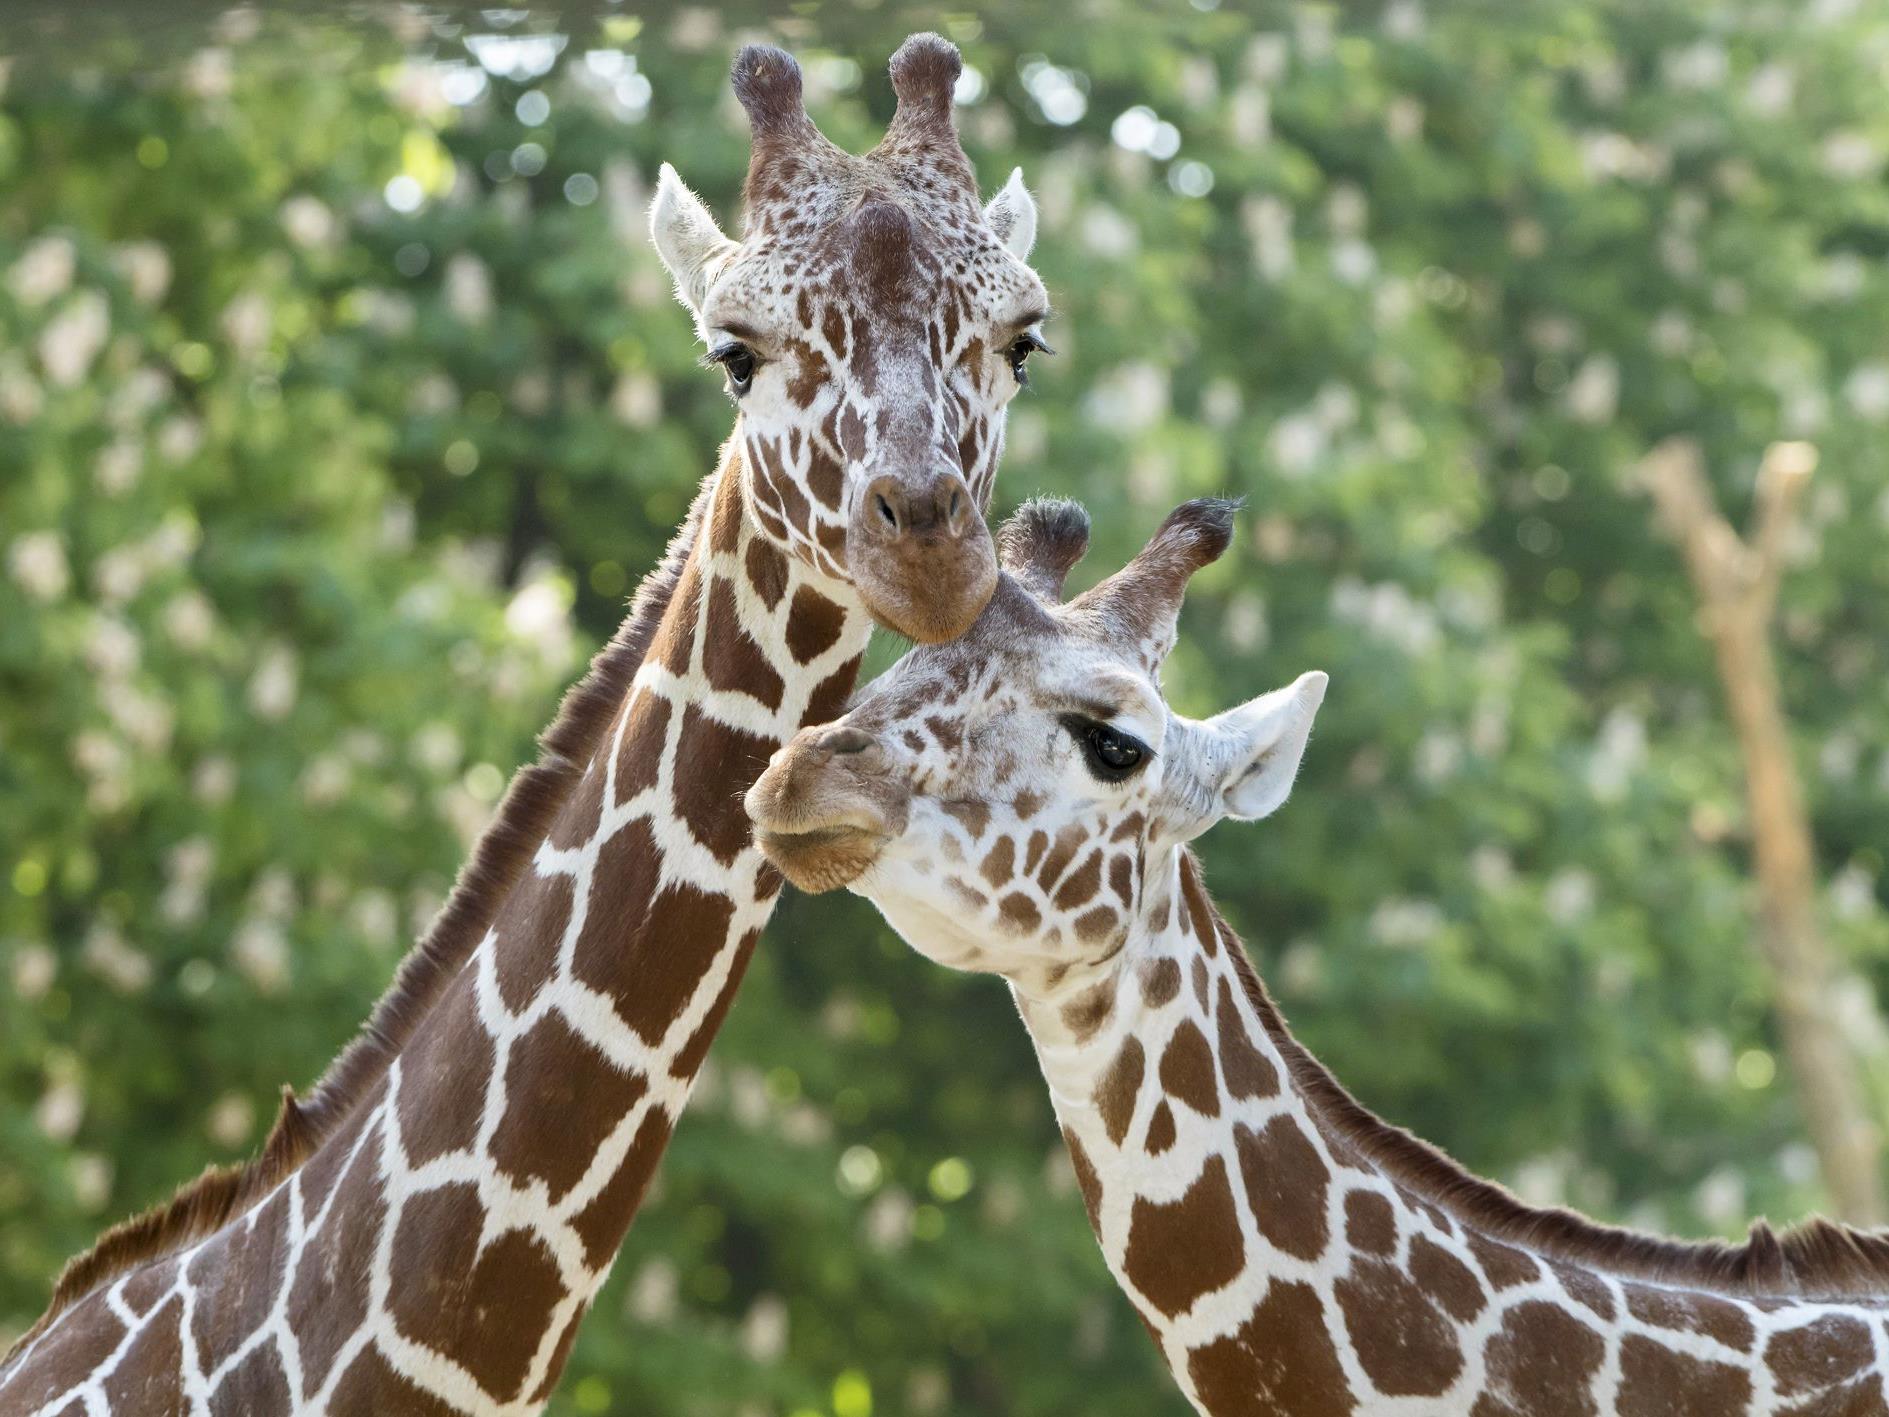 Der Tiergarten Schönbrunn lädt zum großen Giraffenfest